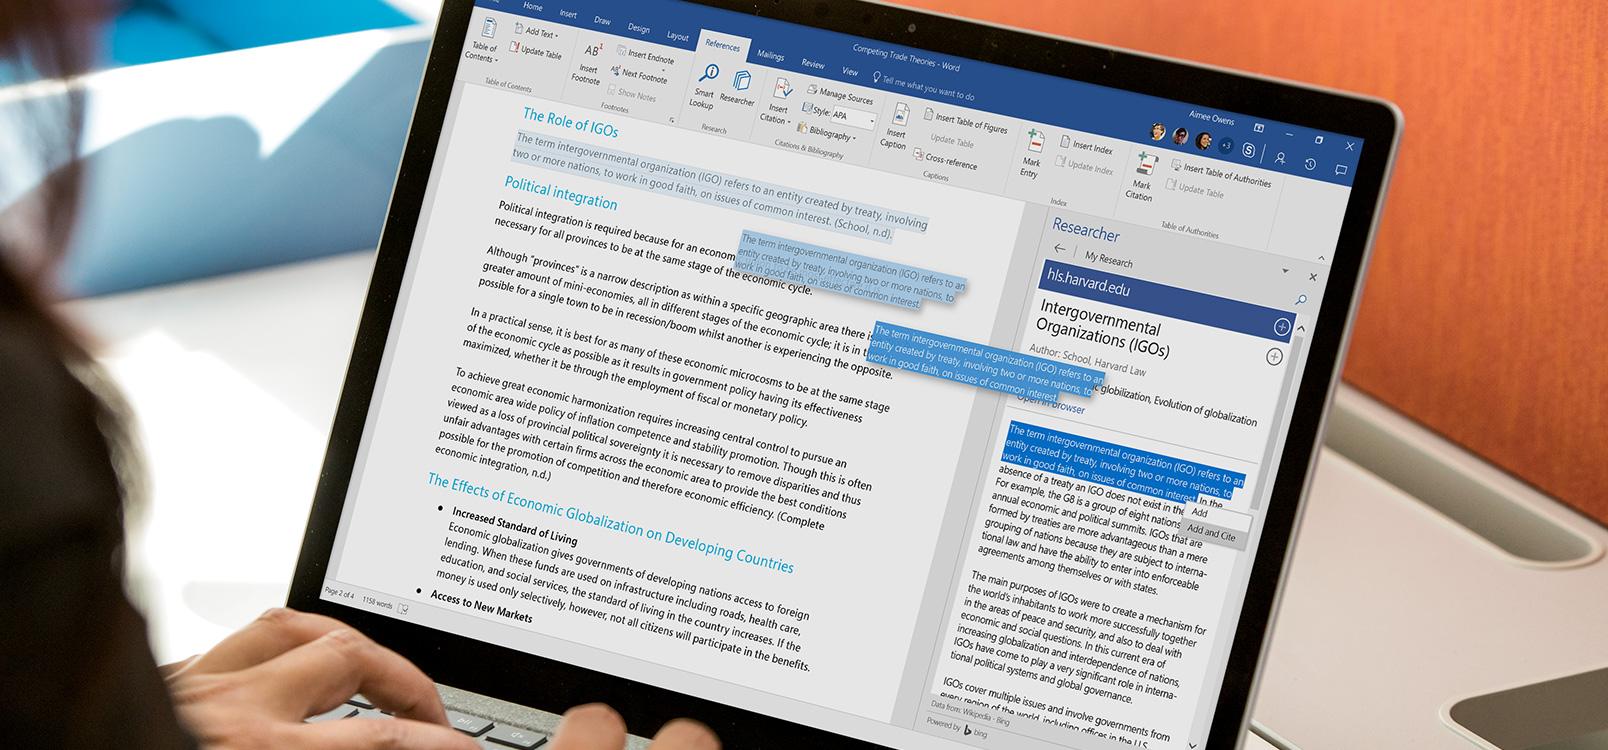 Màn hình máy tính xách tay hiển thị một tài liệu Word sử dụng tính năng Trình nghiên cứu